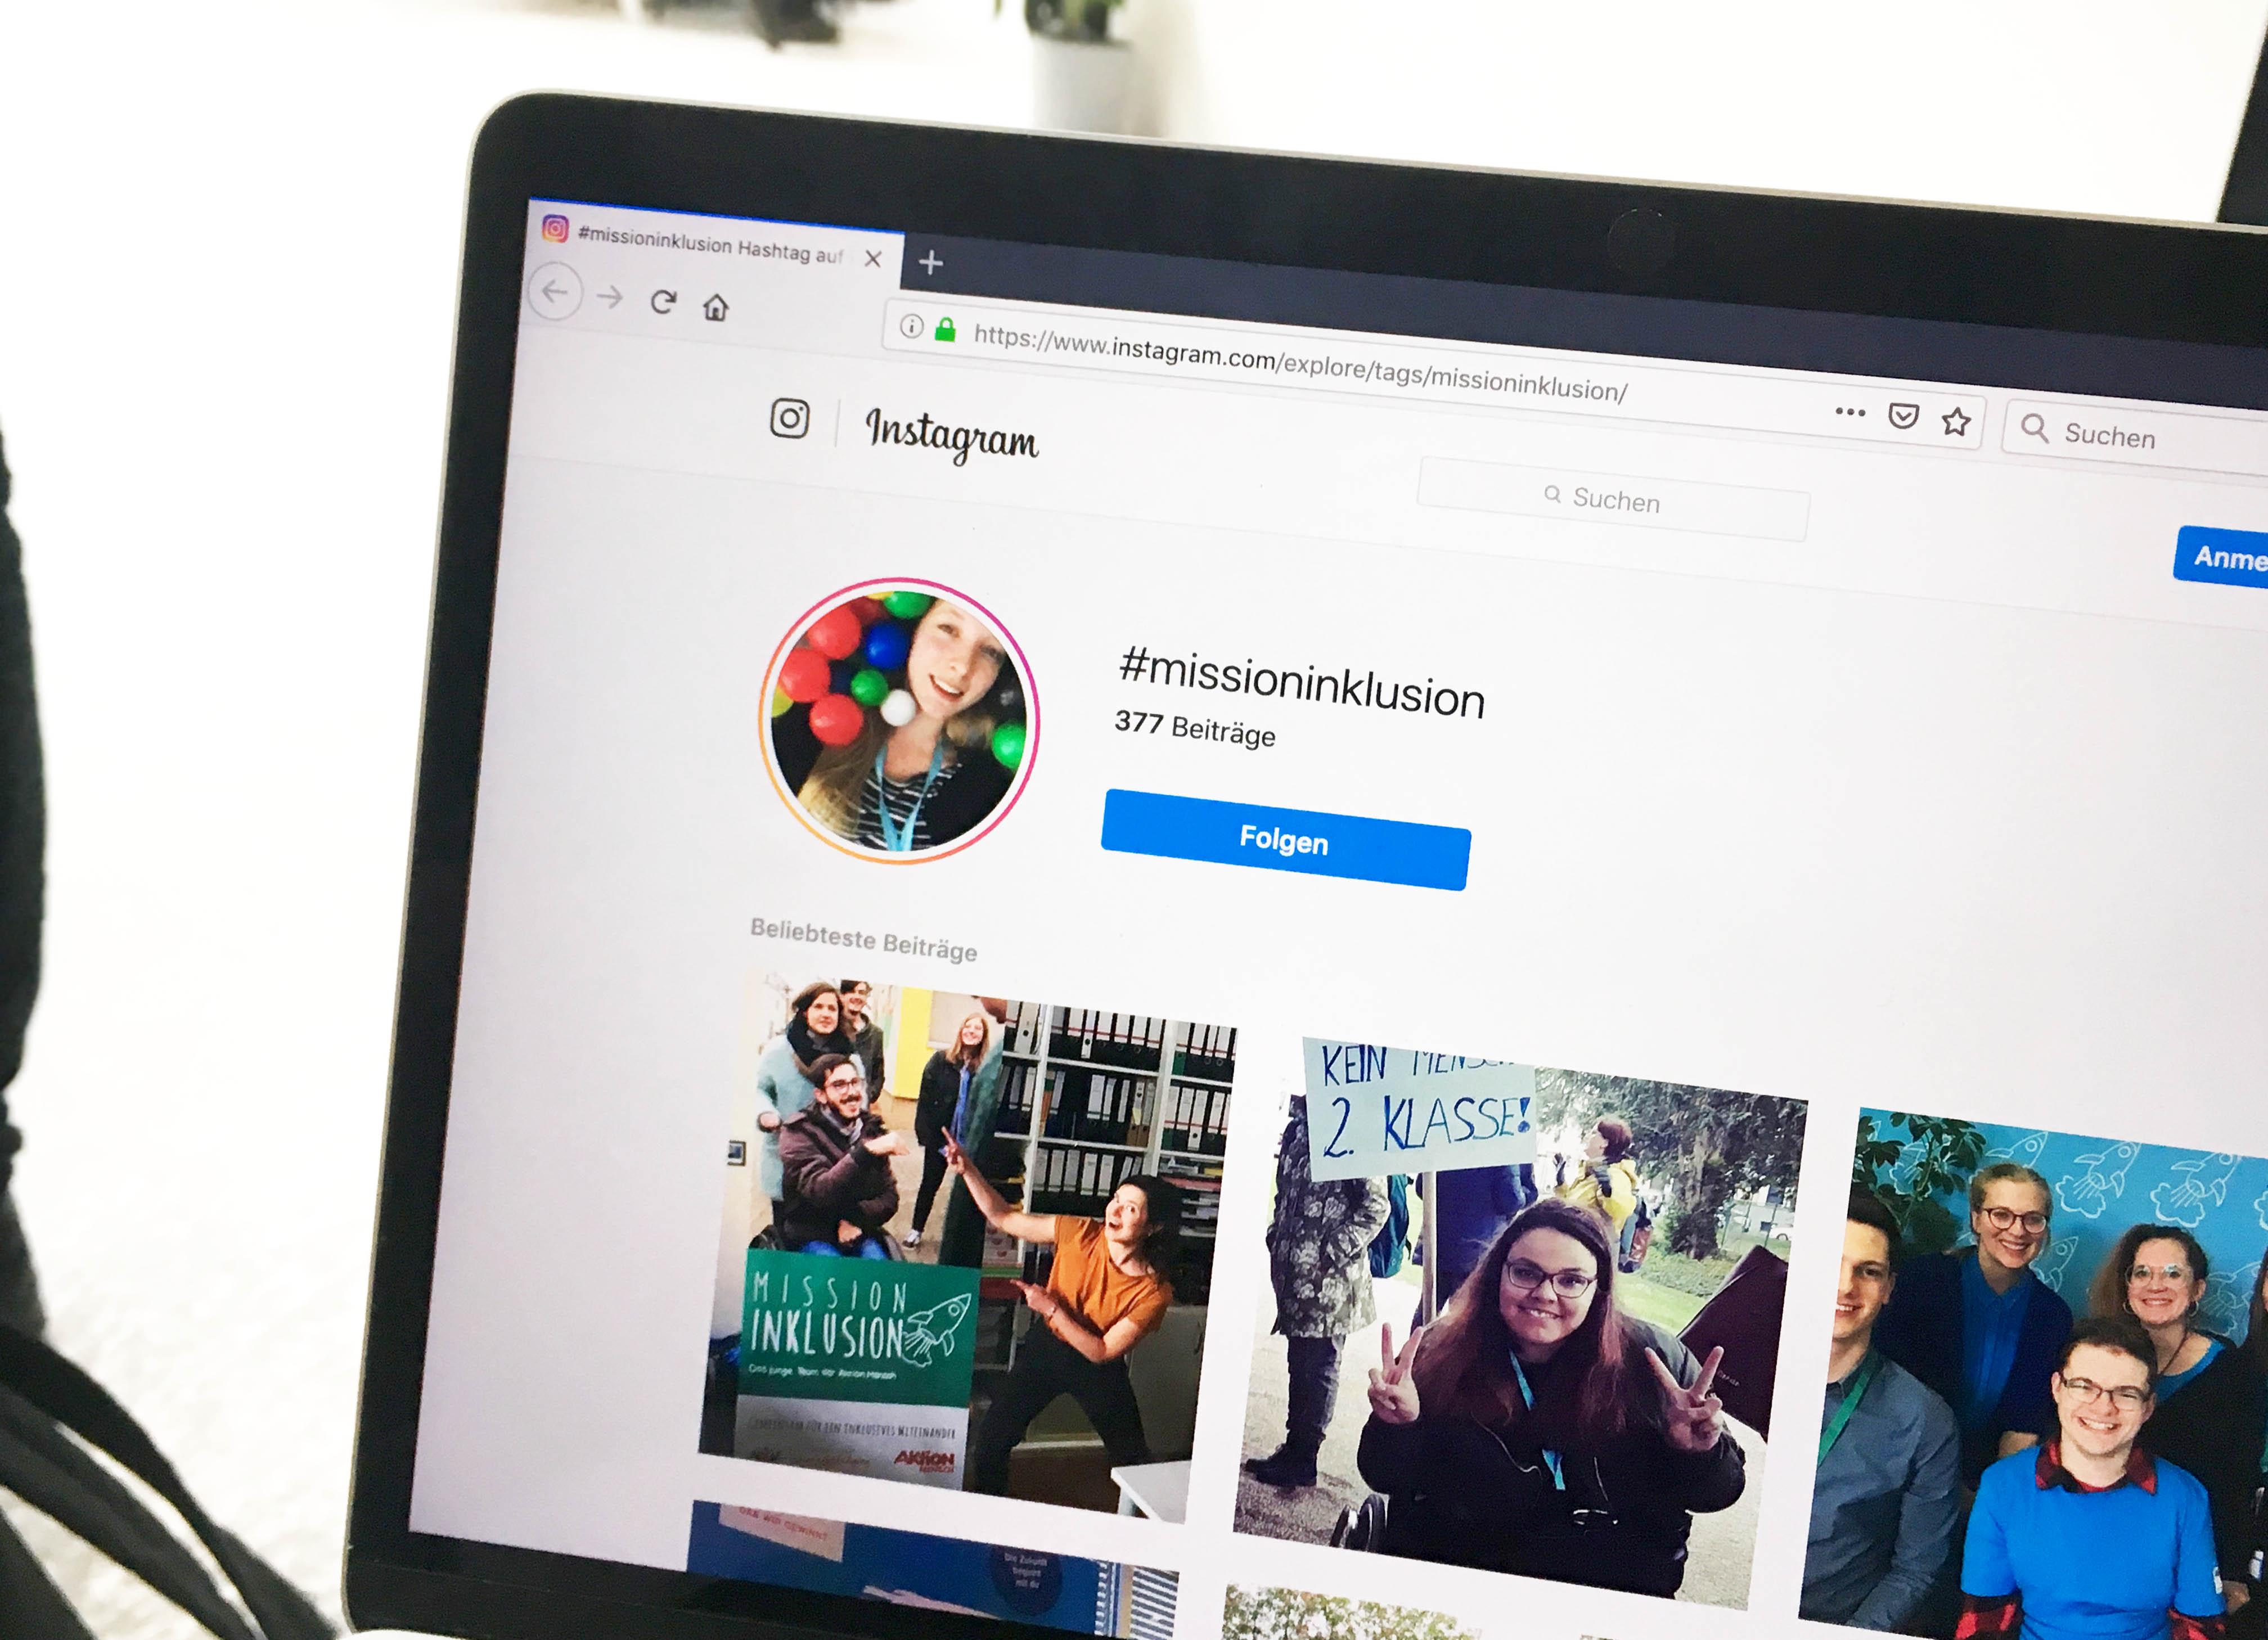 Foto der Seite, auf der die Bilder auf Instragram unter dem Hashtag #missioninklusion aufgerufen sind, die in einem Browser auf einem Laptop zu sehen ist.